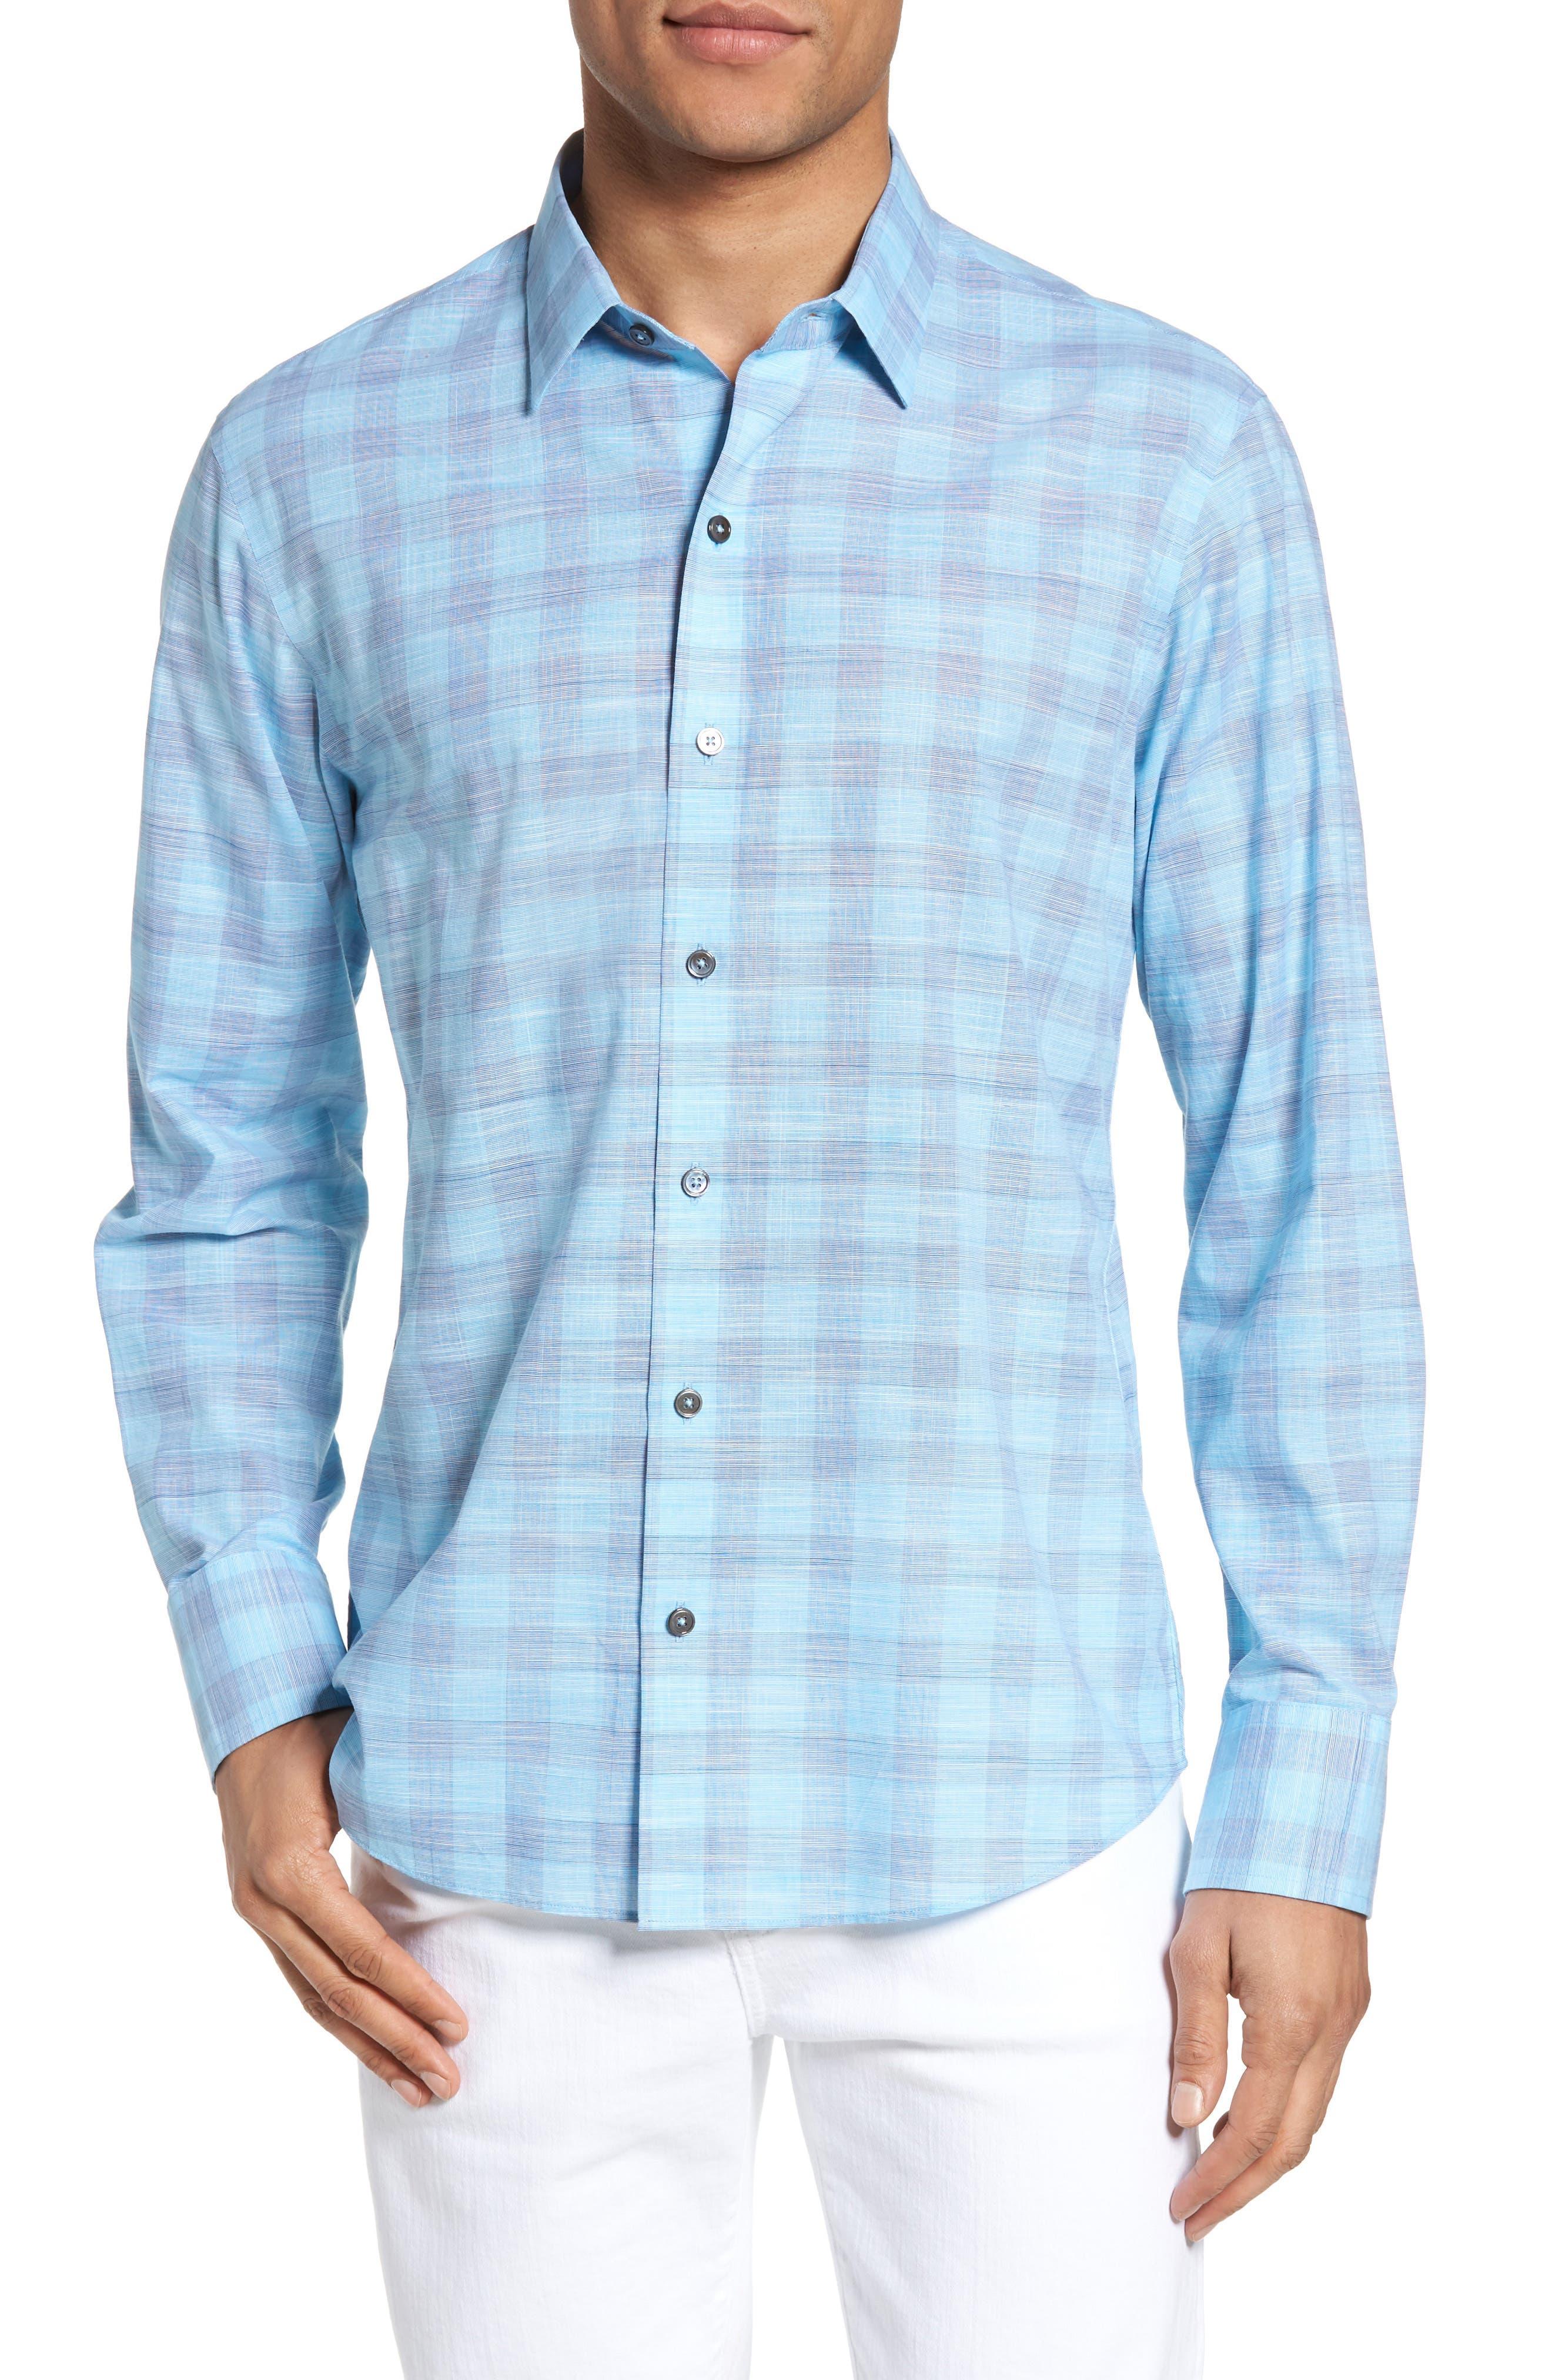 Colin Trim FIt Plaid Sport Shirt,                         Main,                         color, Turquoise